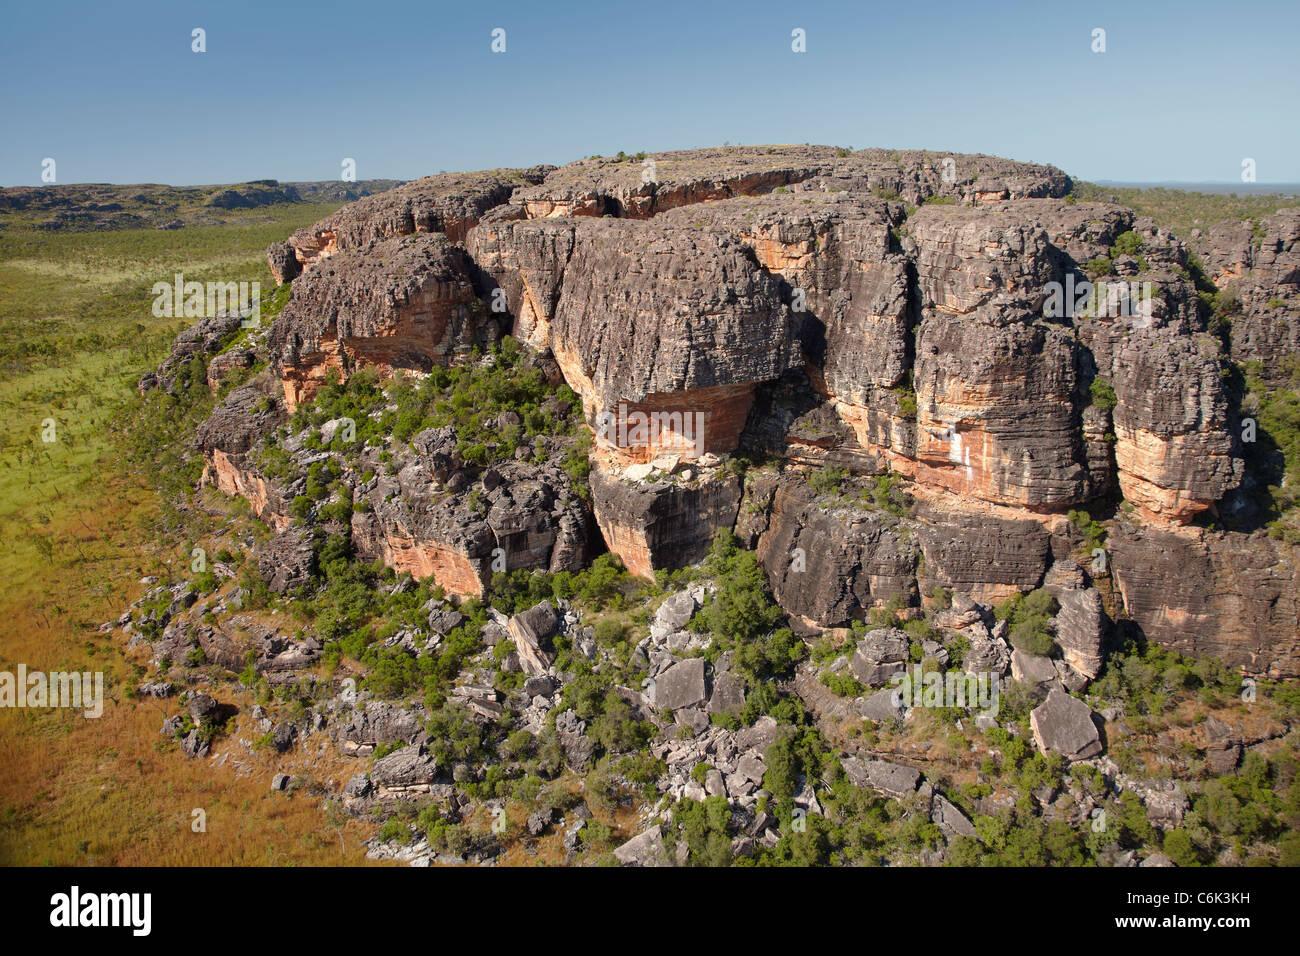 Affioramenti di roccia nei pressi di Ubirr, Parco Nazionale Kakadu, Territorio del Nord, l'Australia - aerial Foto Stock